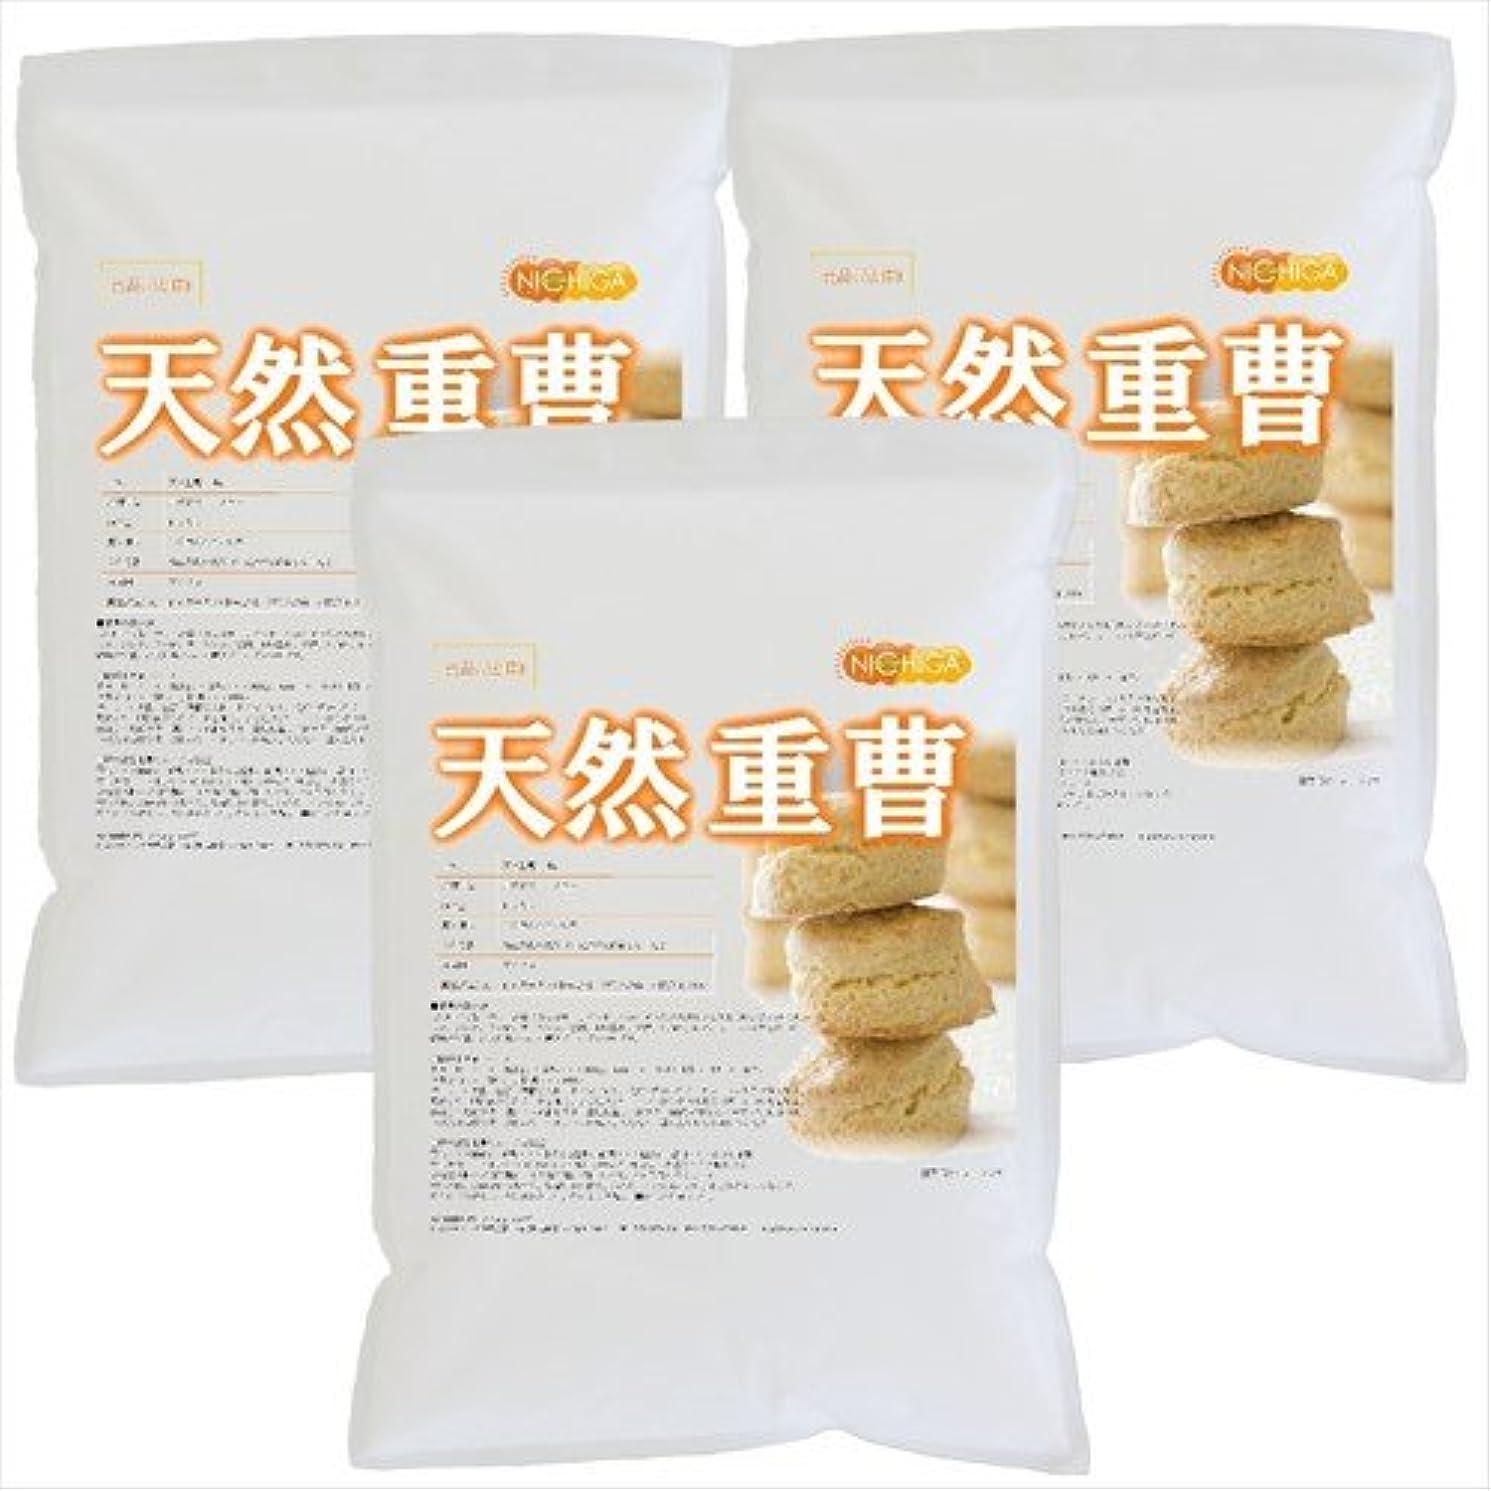 アサー縁石協同天然 重曹 5kg×3袋 [02] 炭酸水素ナトリウム 食品添加物(食品用)NICHIGA(ニチガ)